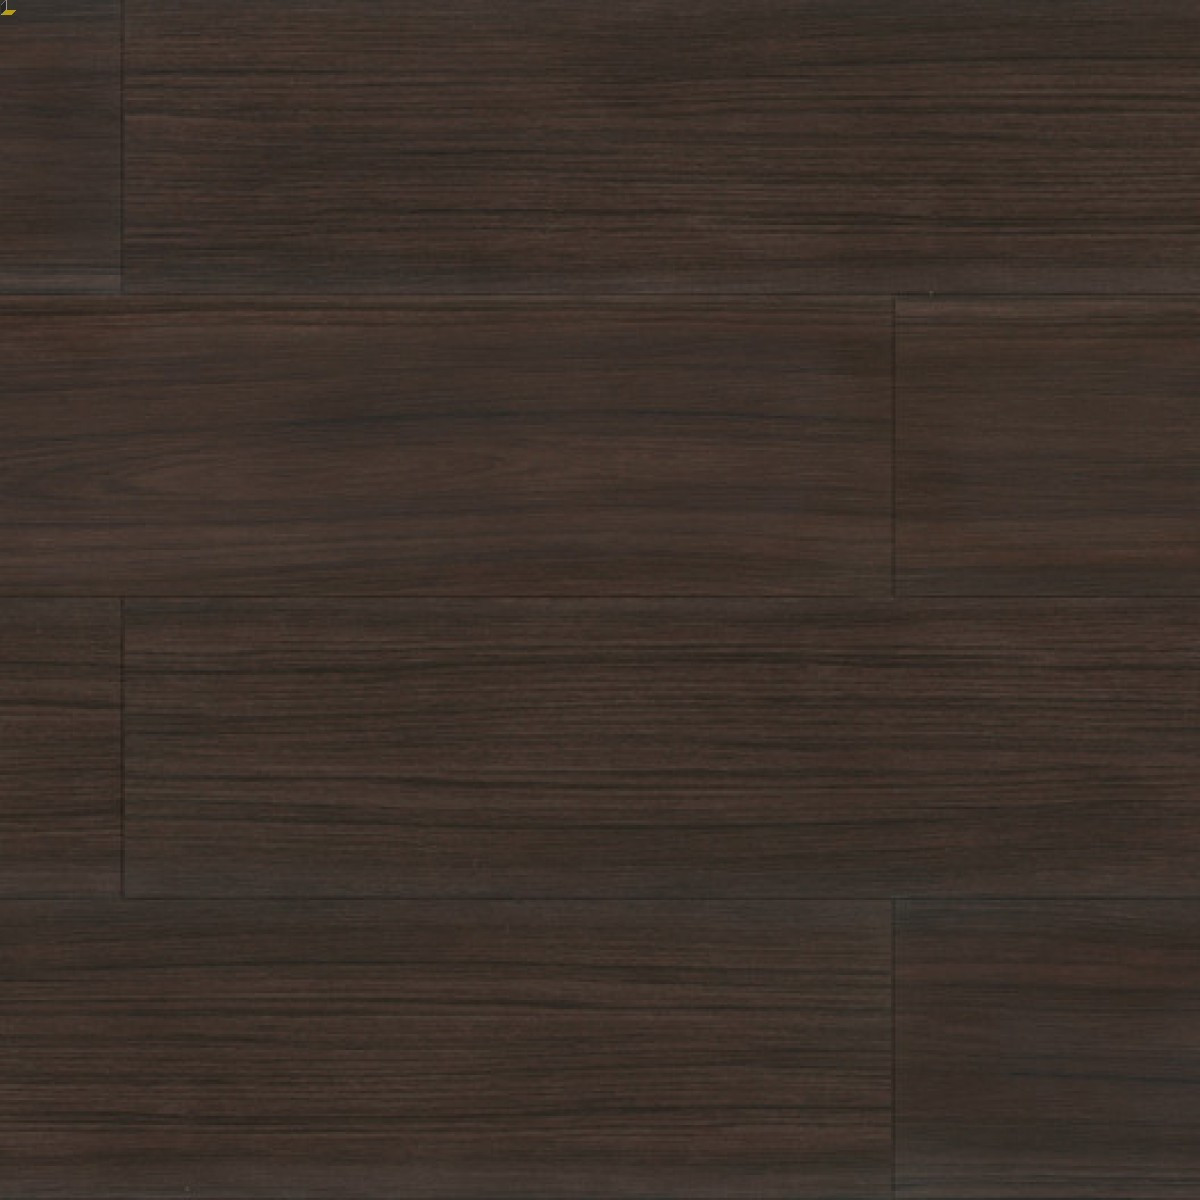 Виниловая Доска LG Deco Tile RLW 1235 Тик Темный